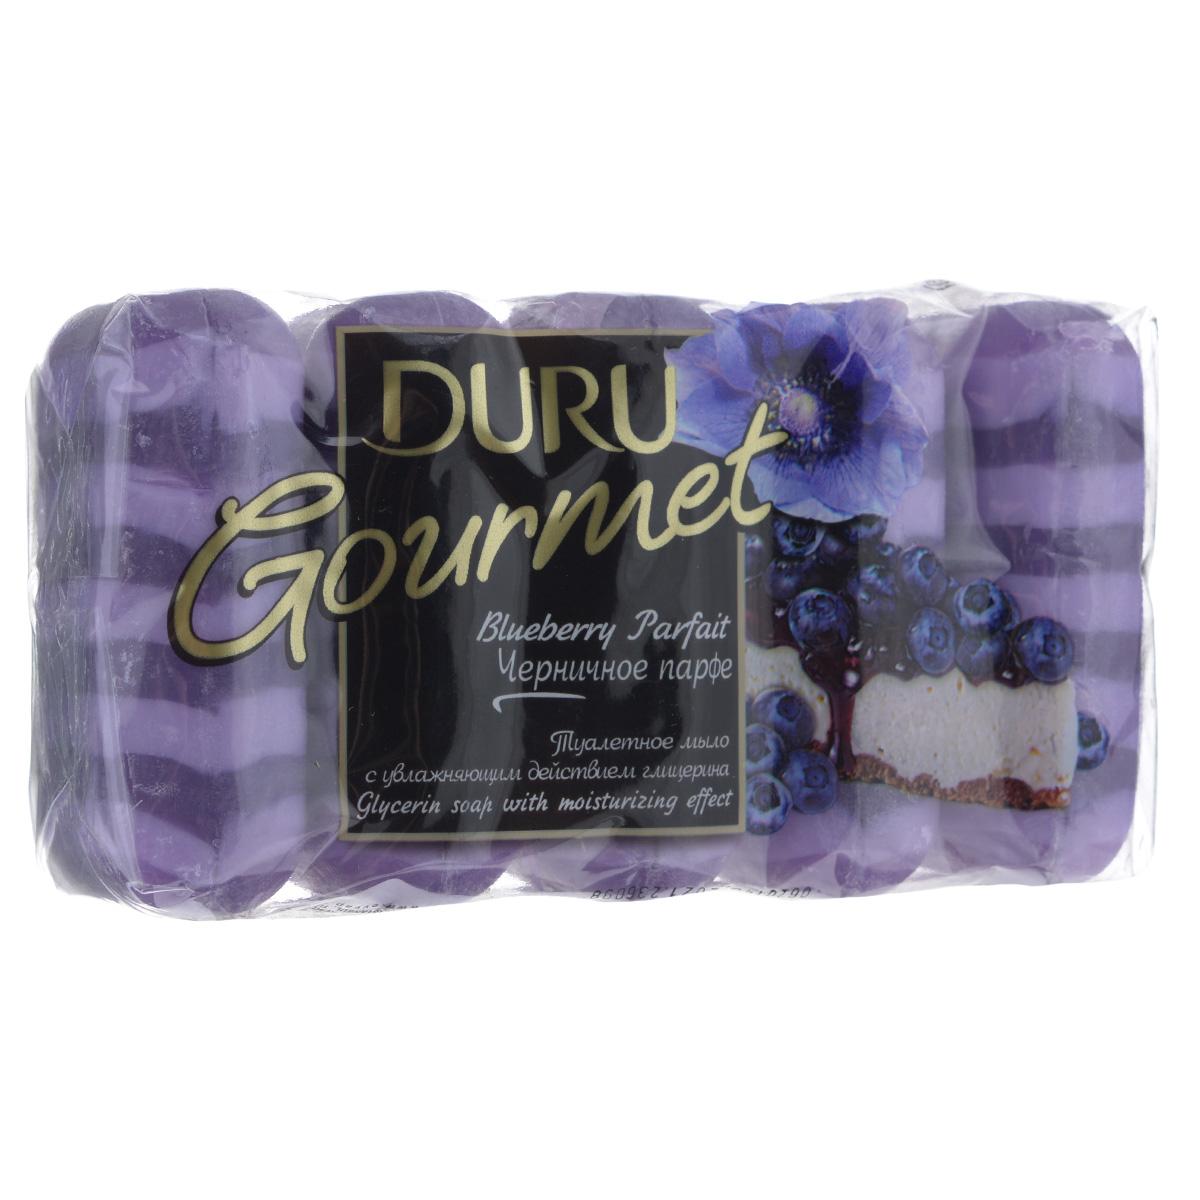 Duru GOURMET Мыло Черничное парфе э/пак 5*75г800031452Глицериновое мыло DURU c аппетитным ароматом и нежной текстурой подарит ощущение красоты и роскоши, как после сеанса ароматерапии